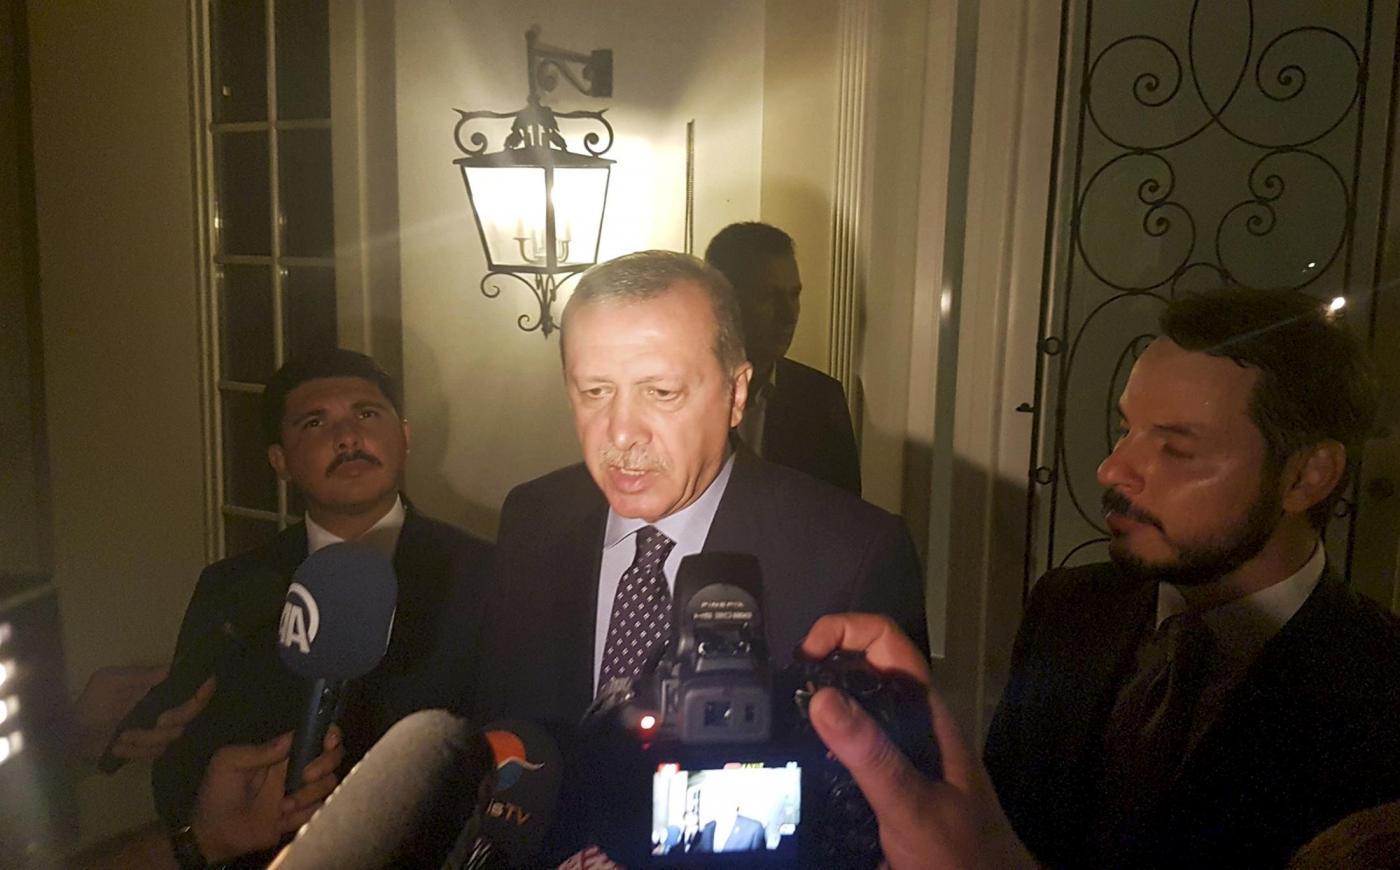 Golpe Turchia, Erdogan parla ai media nella località turistica di Marmaris